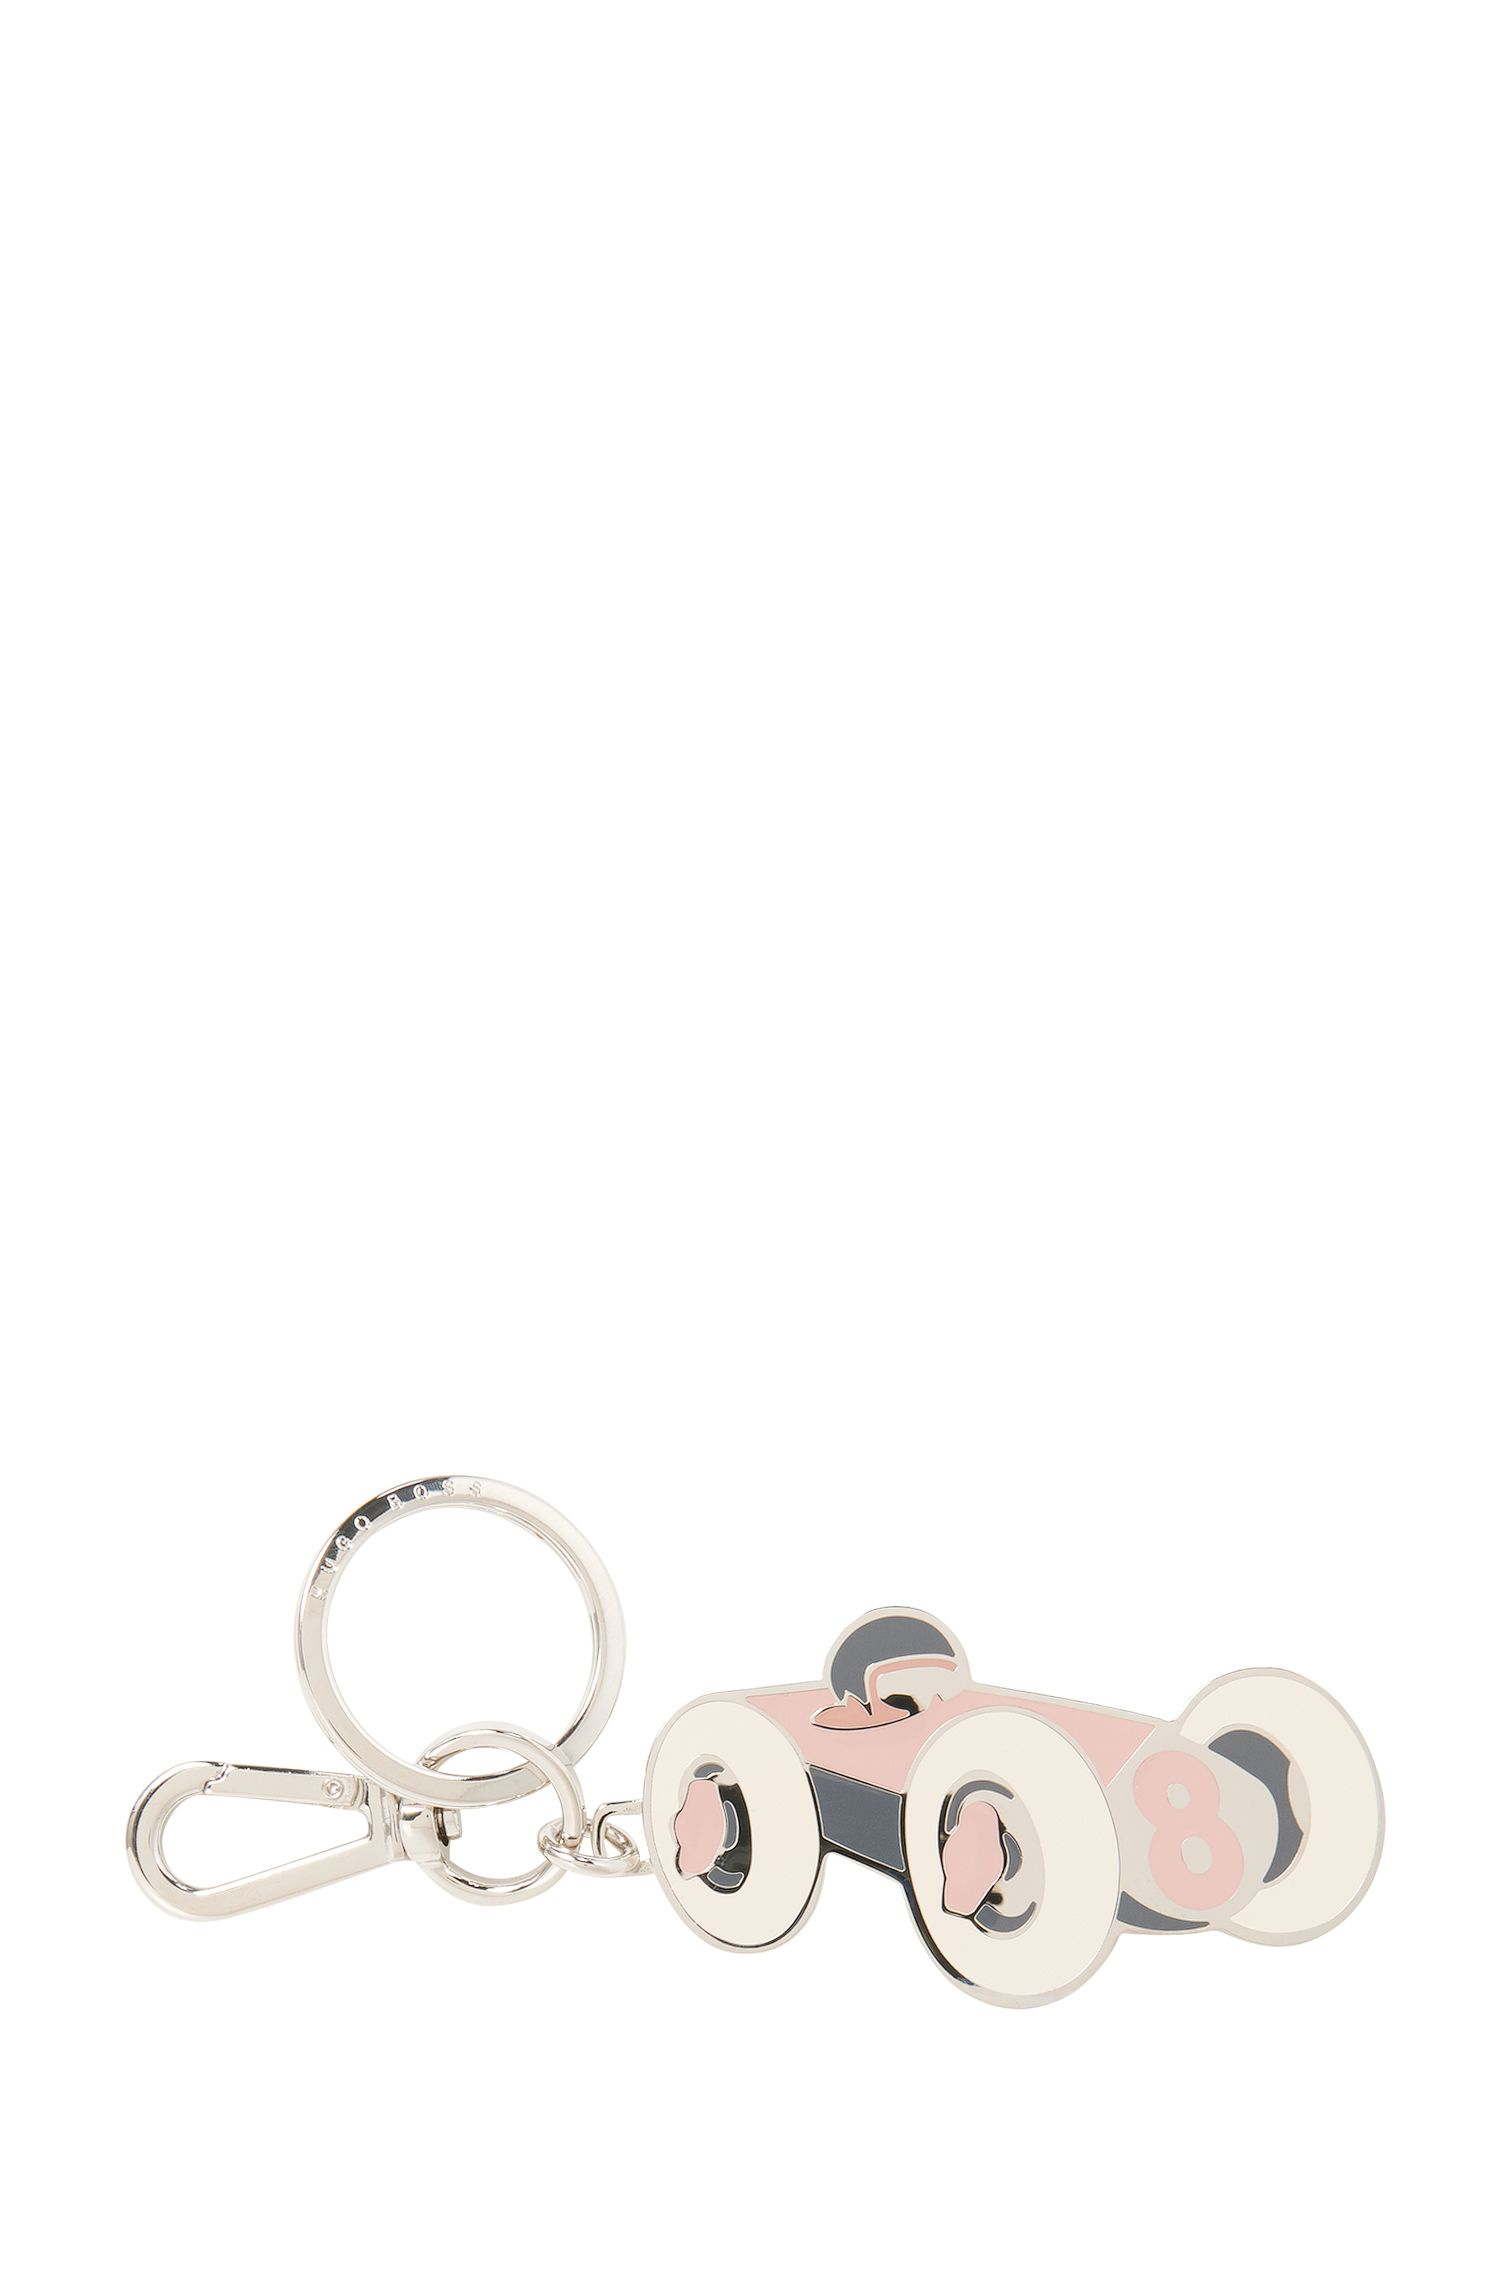 Porte-clés en acier inoxydable et émail coloré